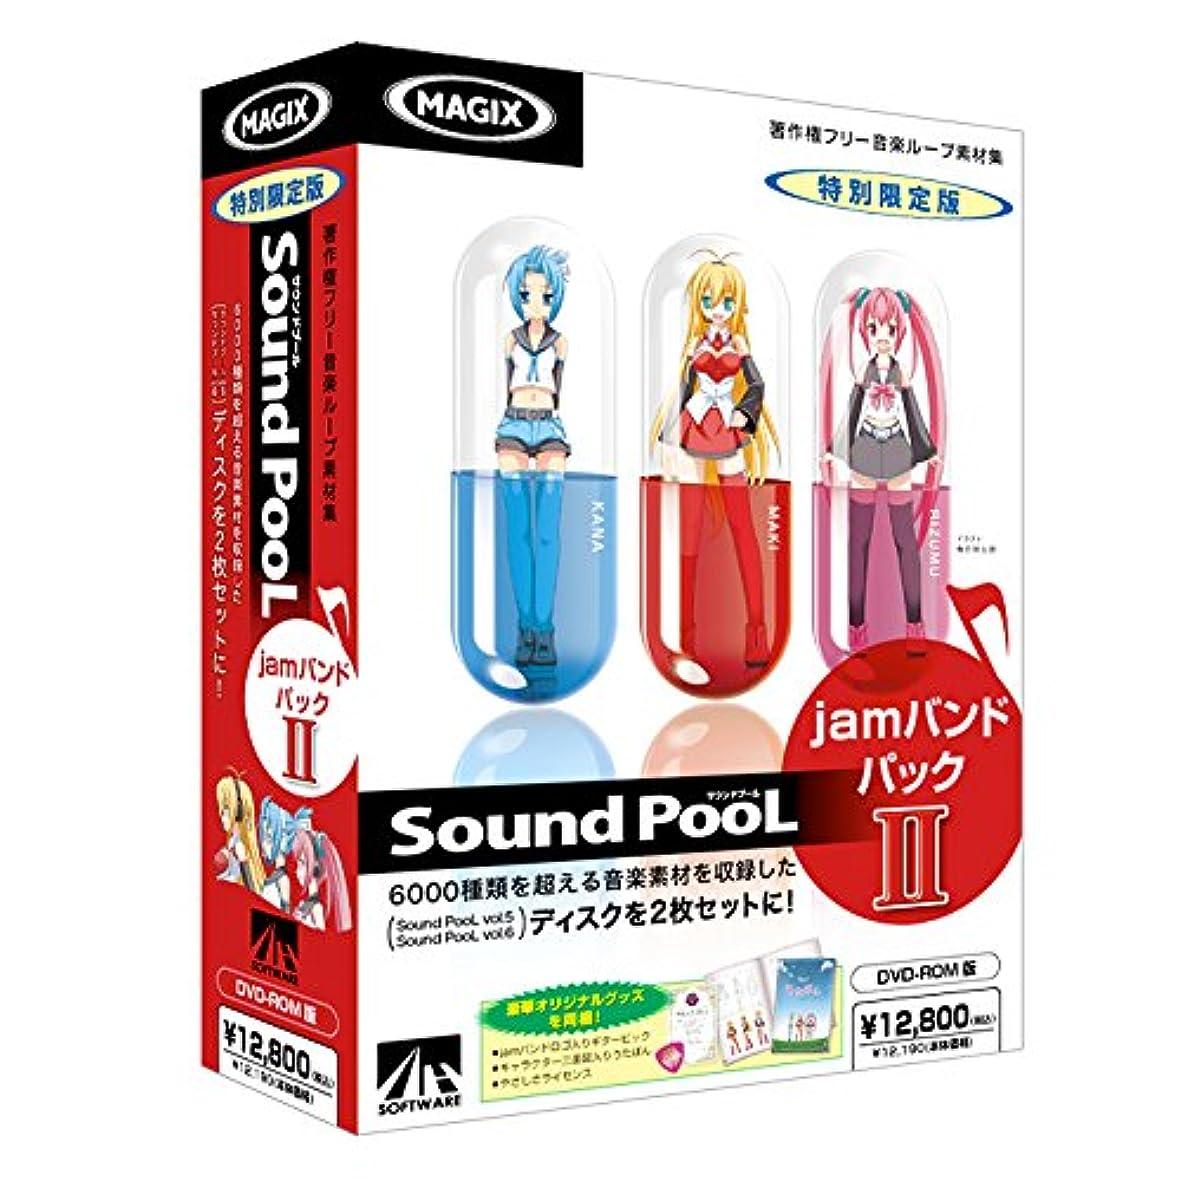 オーラル病んでいる間接的Sound PooL jamバンドパック II